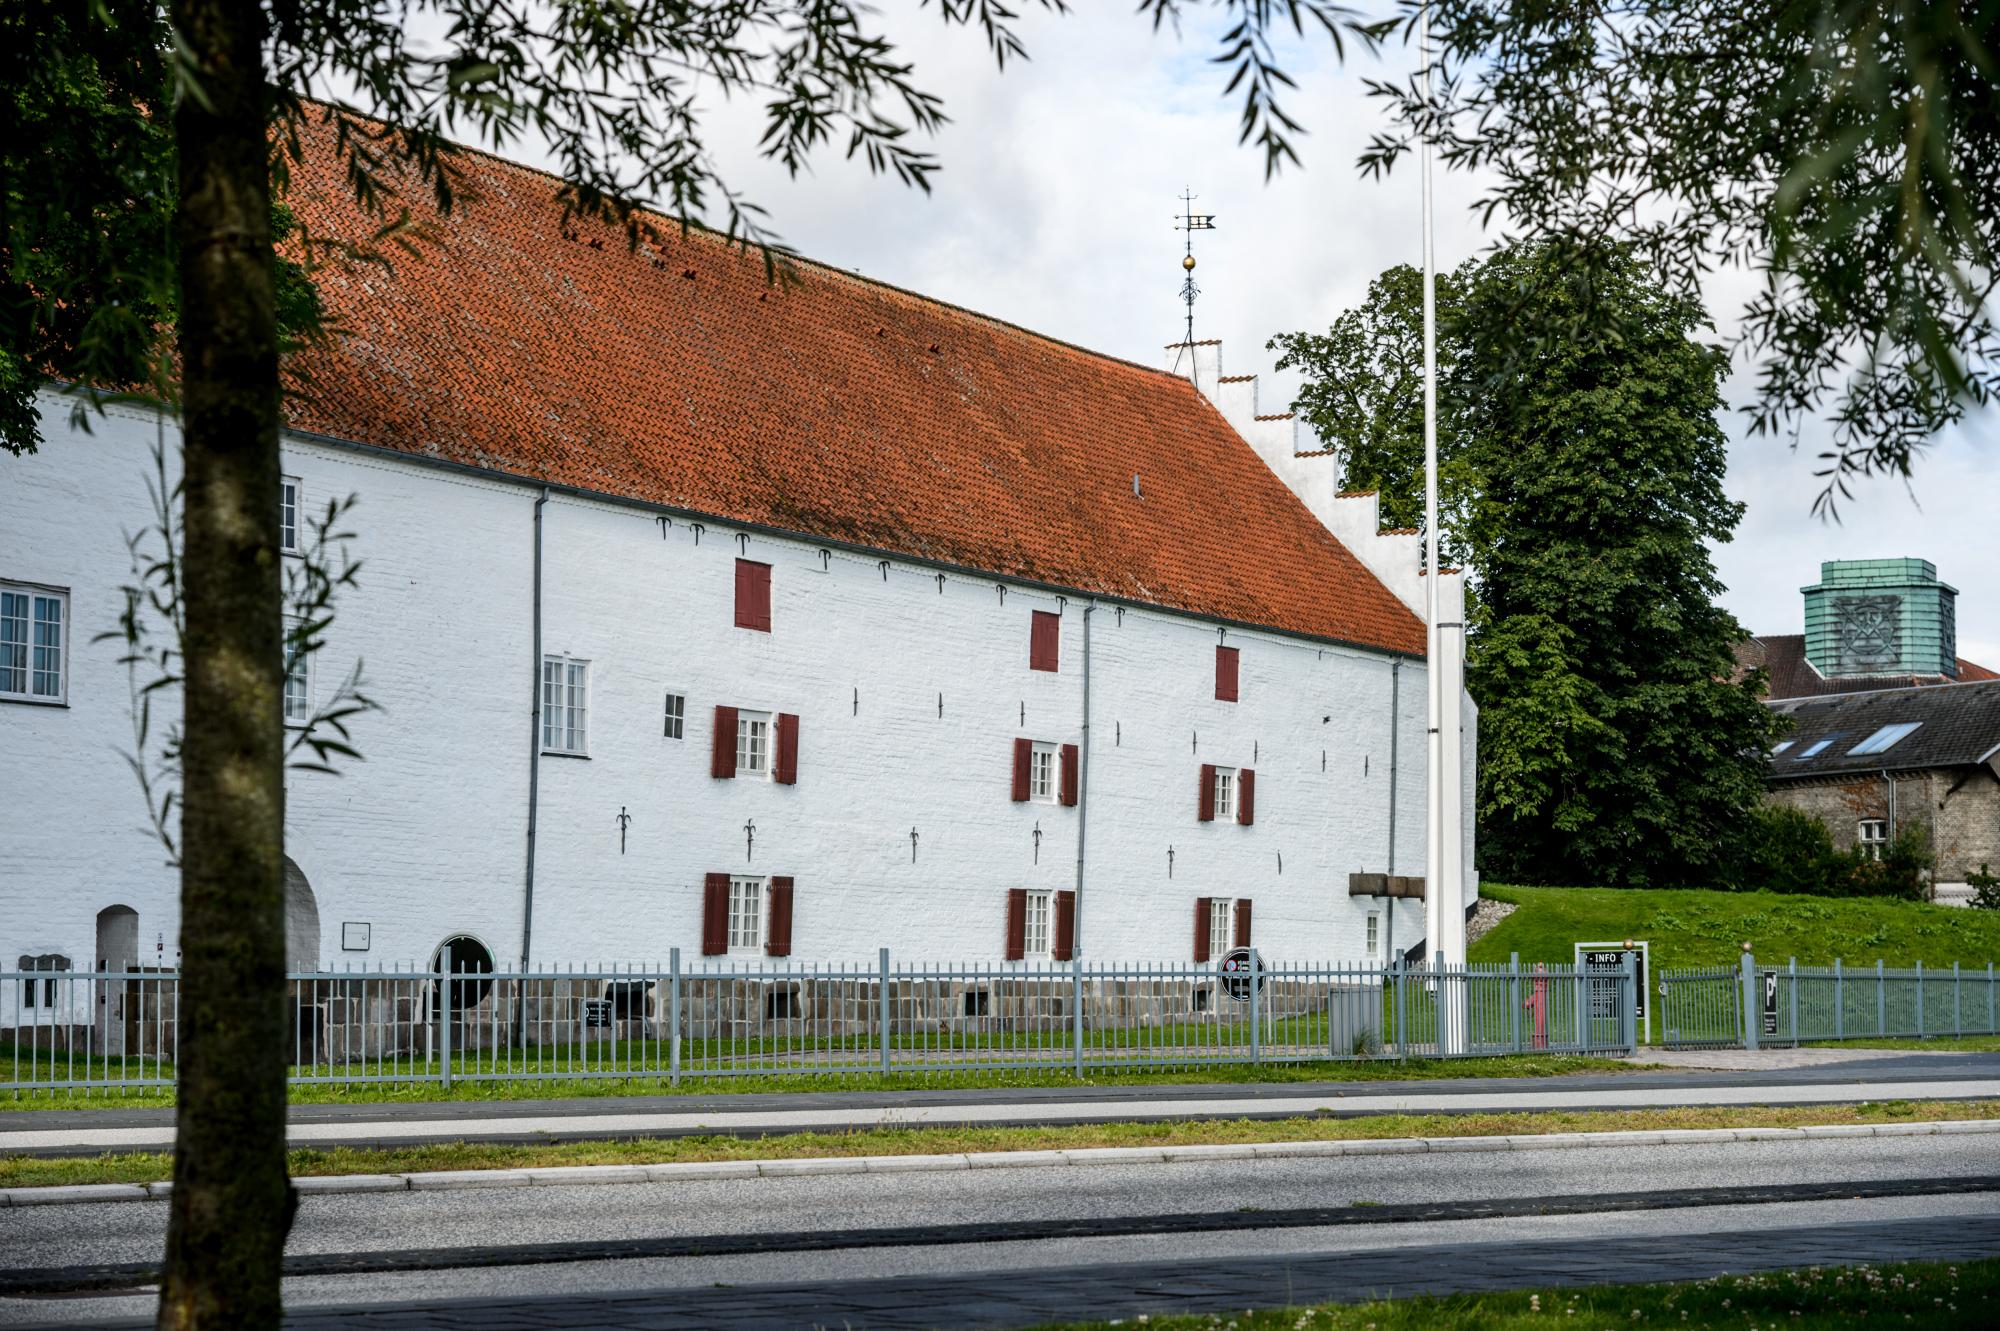 Aalborghus Slot skal igen være ramme om en række historiske teaterforestillinger. Arkivfoto: Nicolas Cho Meier